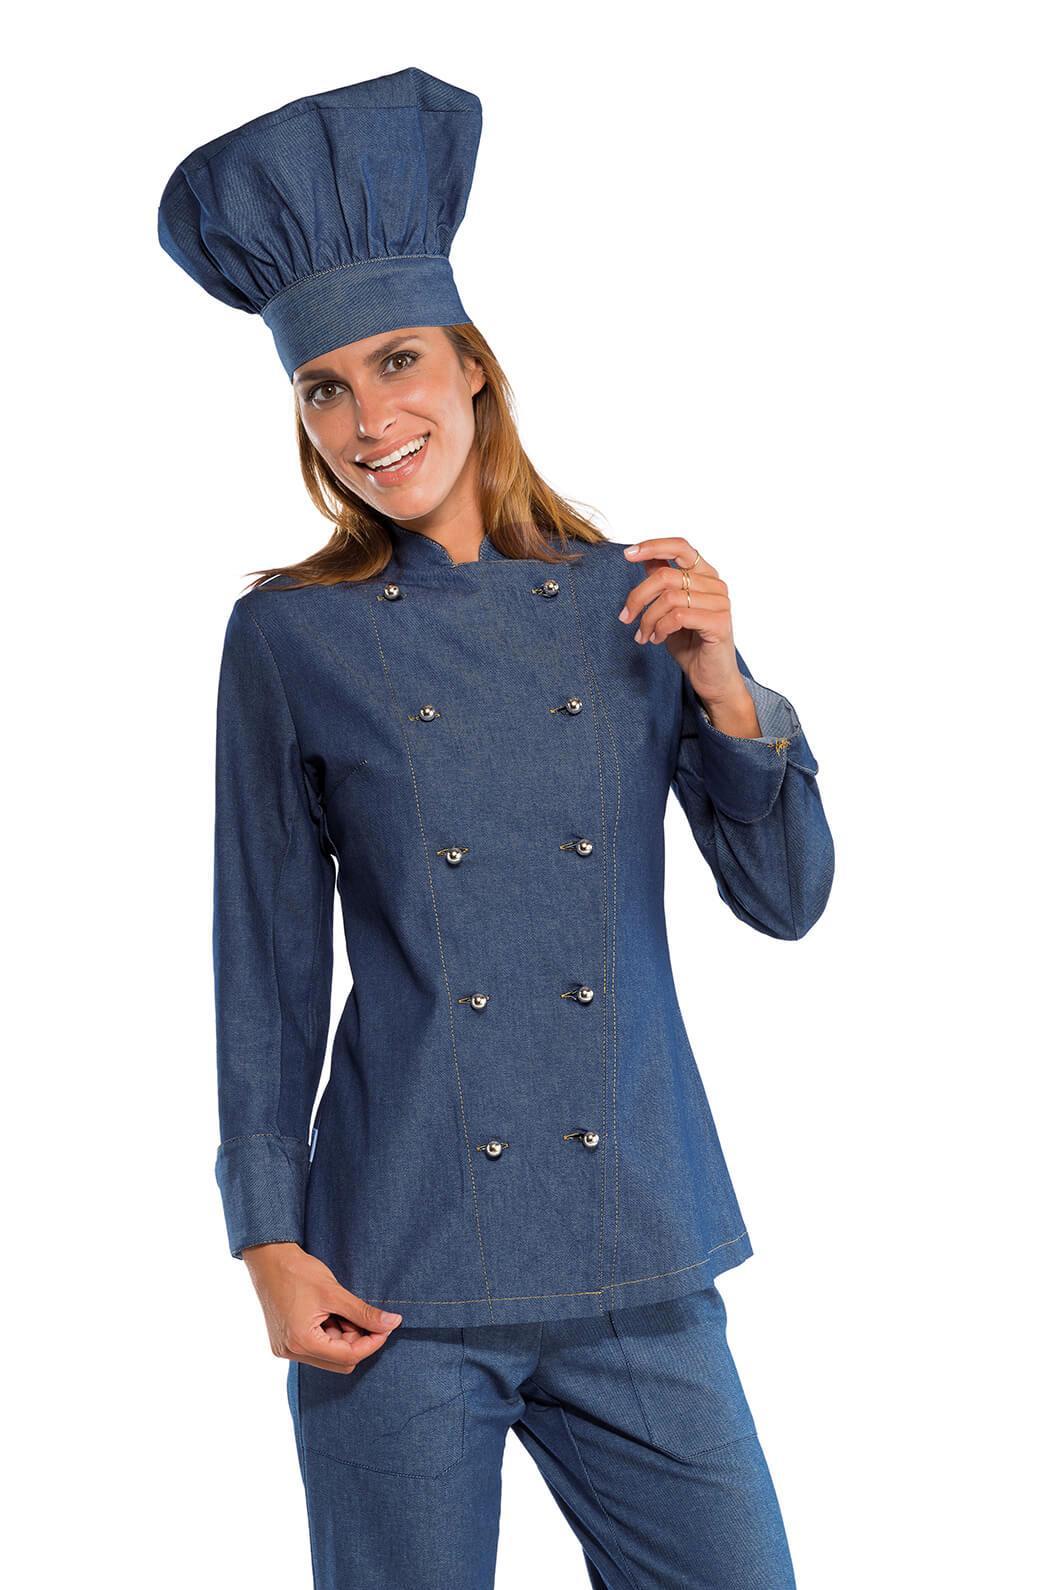 Veste De Cuisine En Jeans Pour Femme Vetements De Cuisine